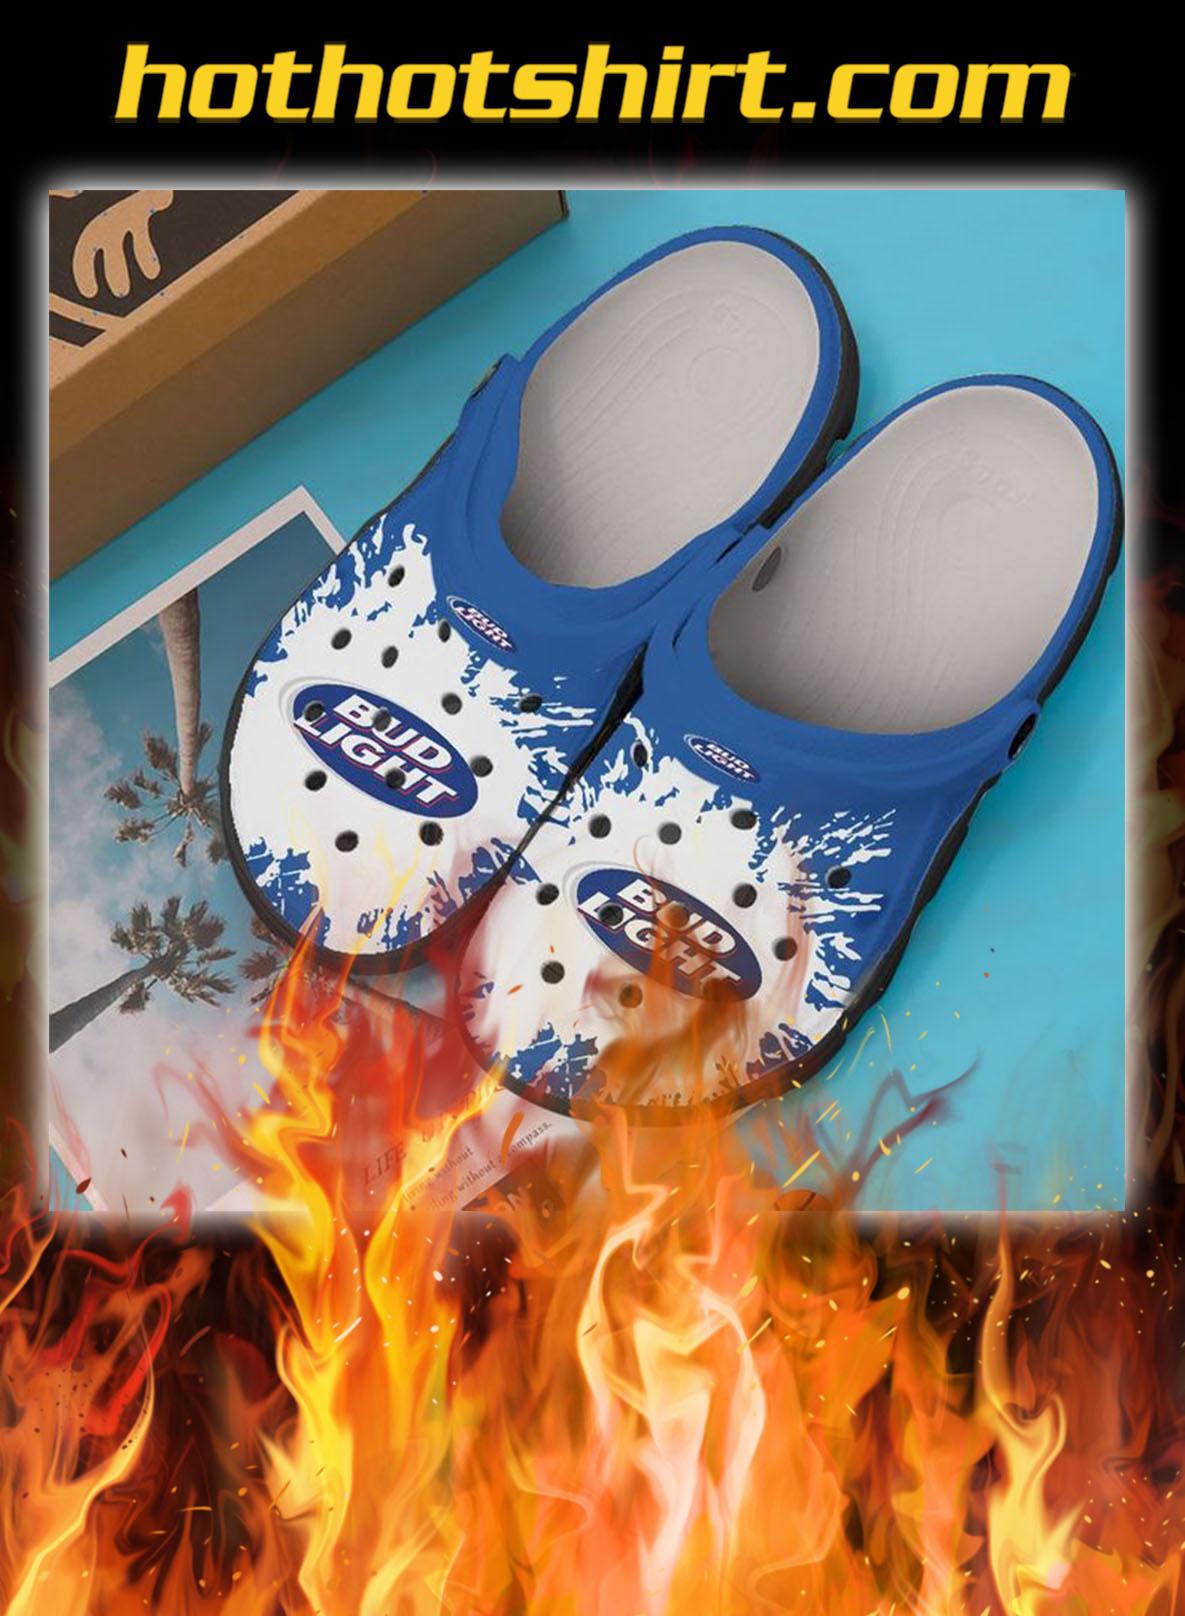 Bud light crocband crocs shoes- pic 1